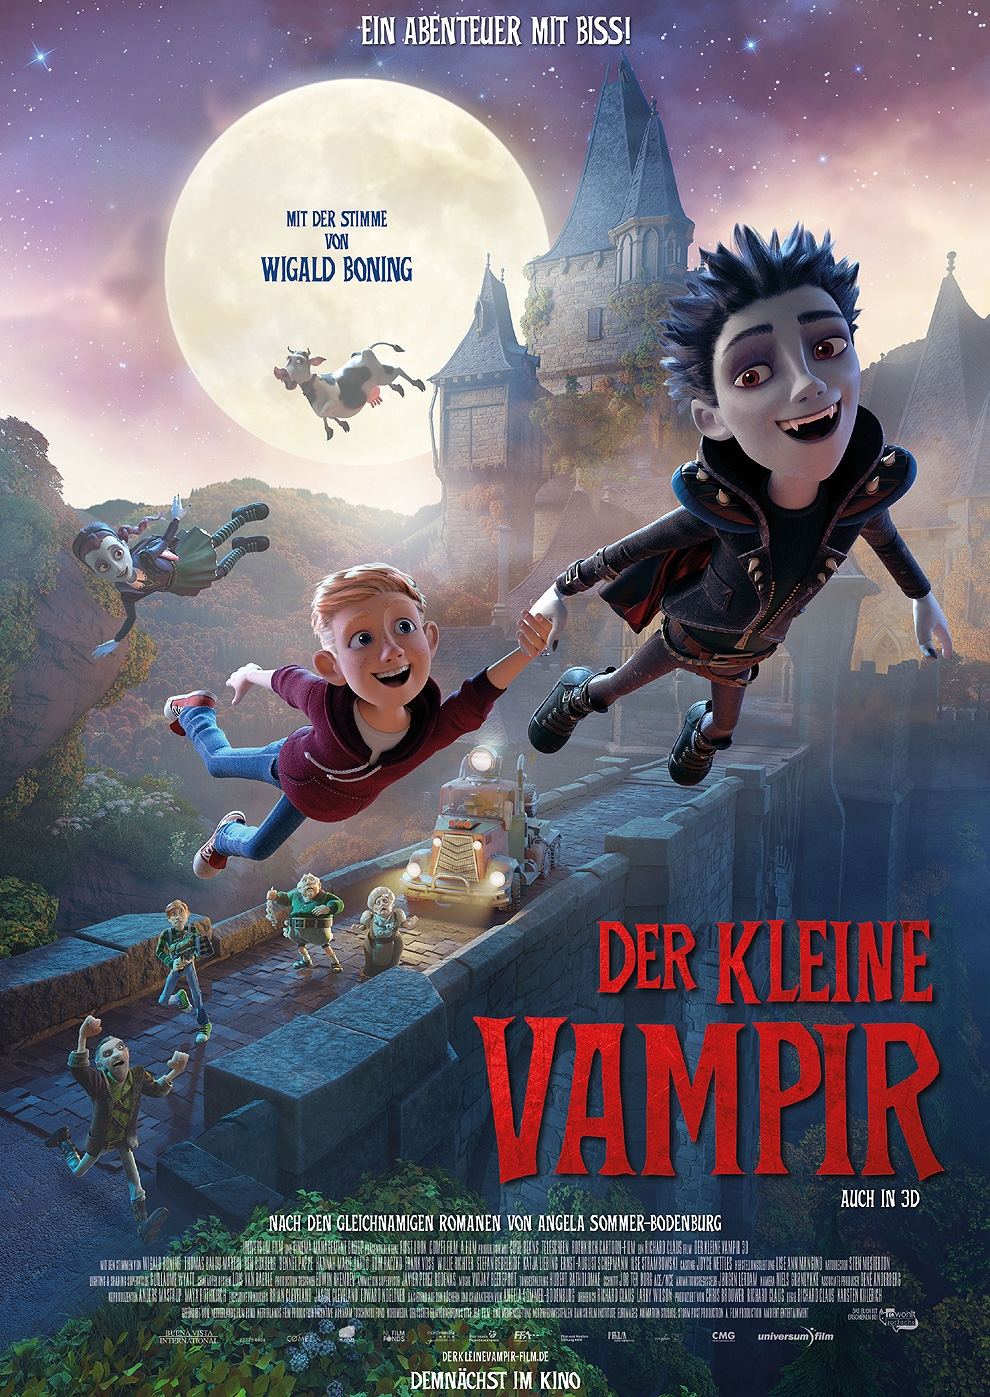 Der kleine Vampir (2017) (Poster)